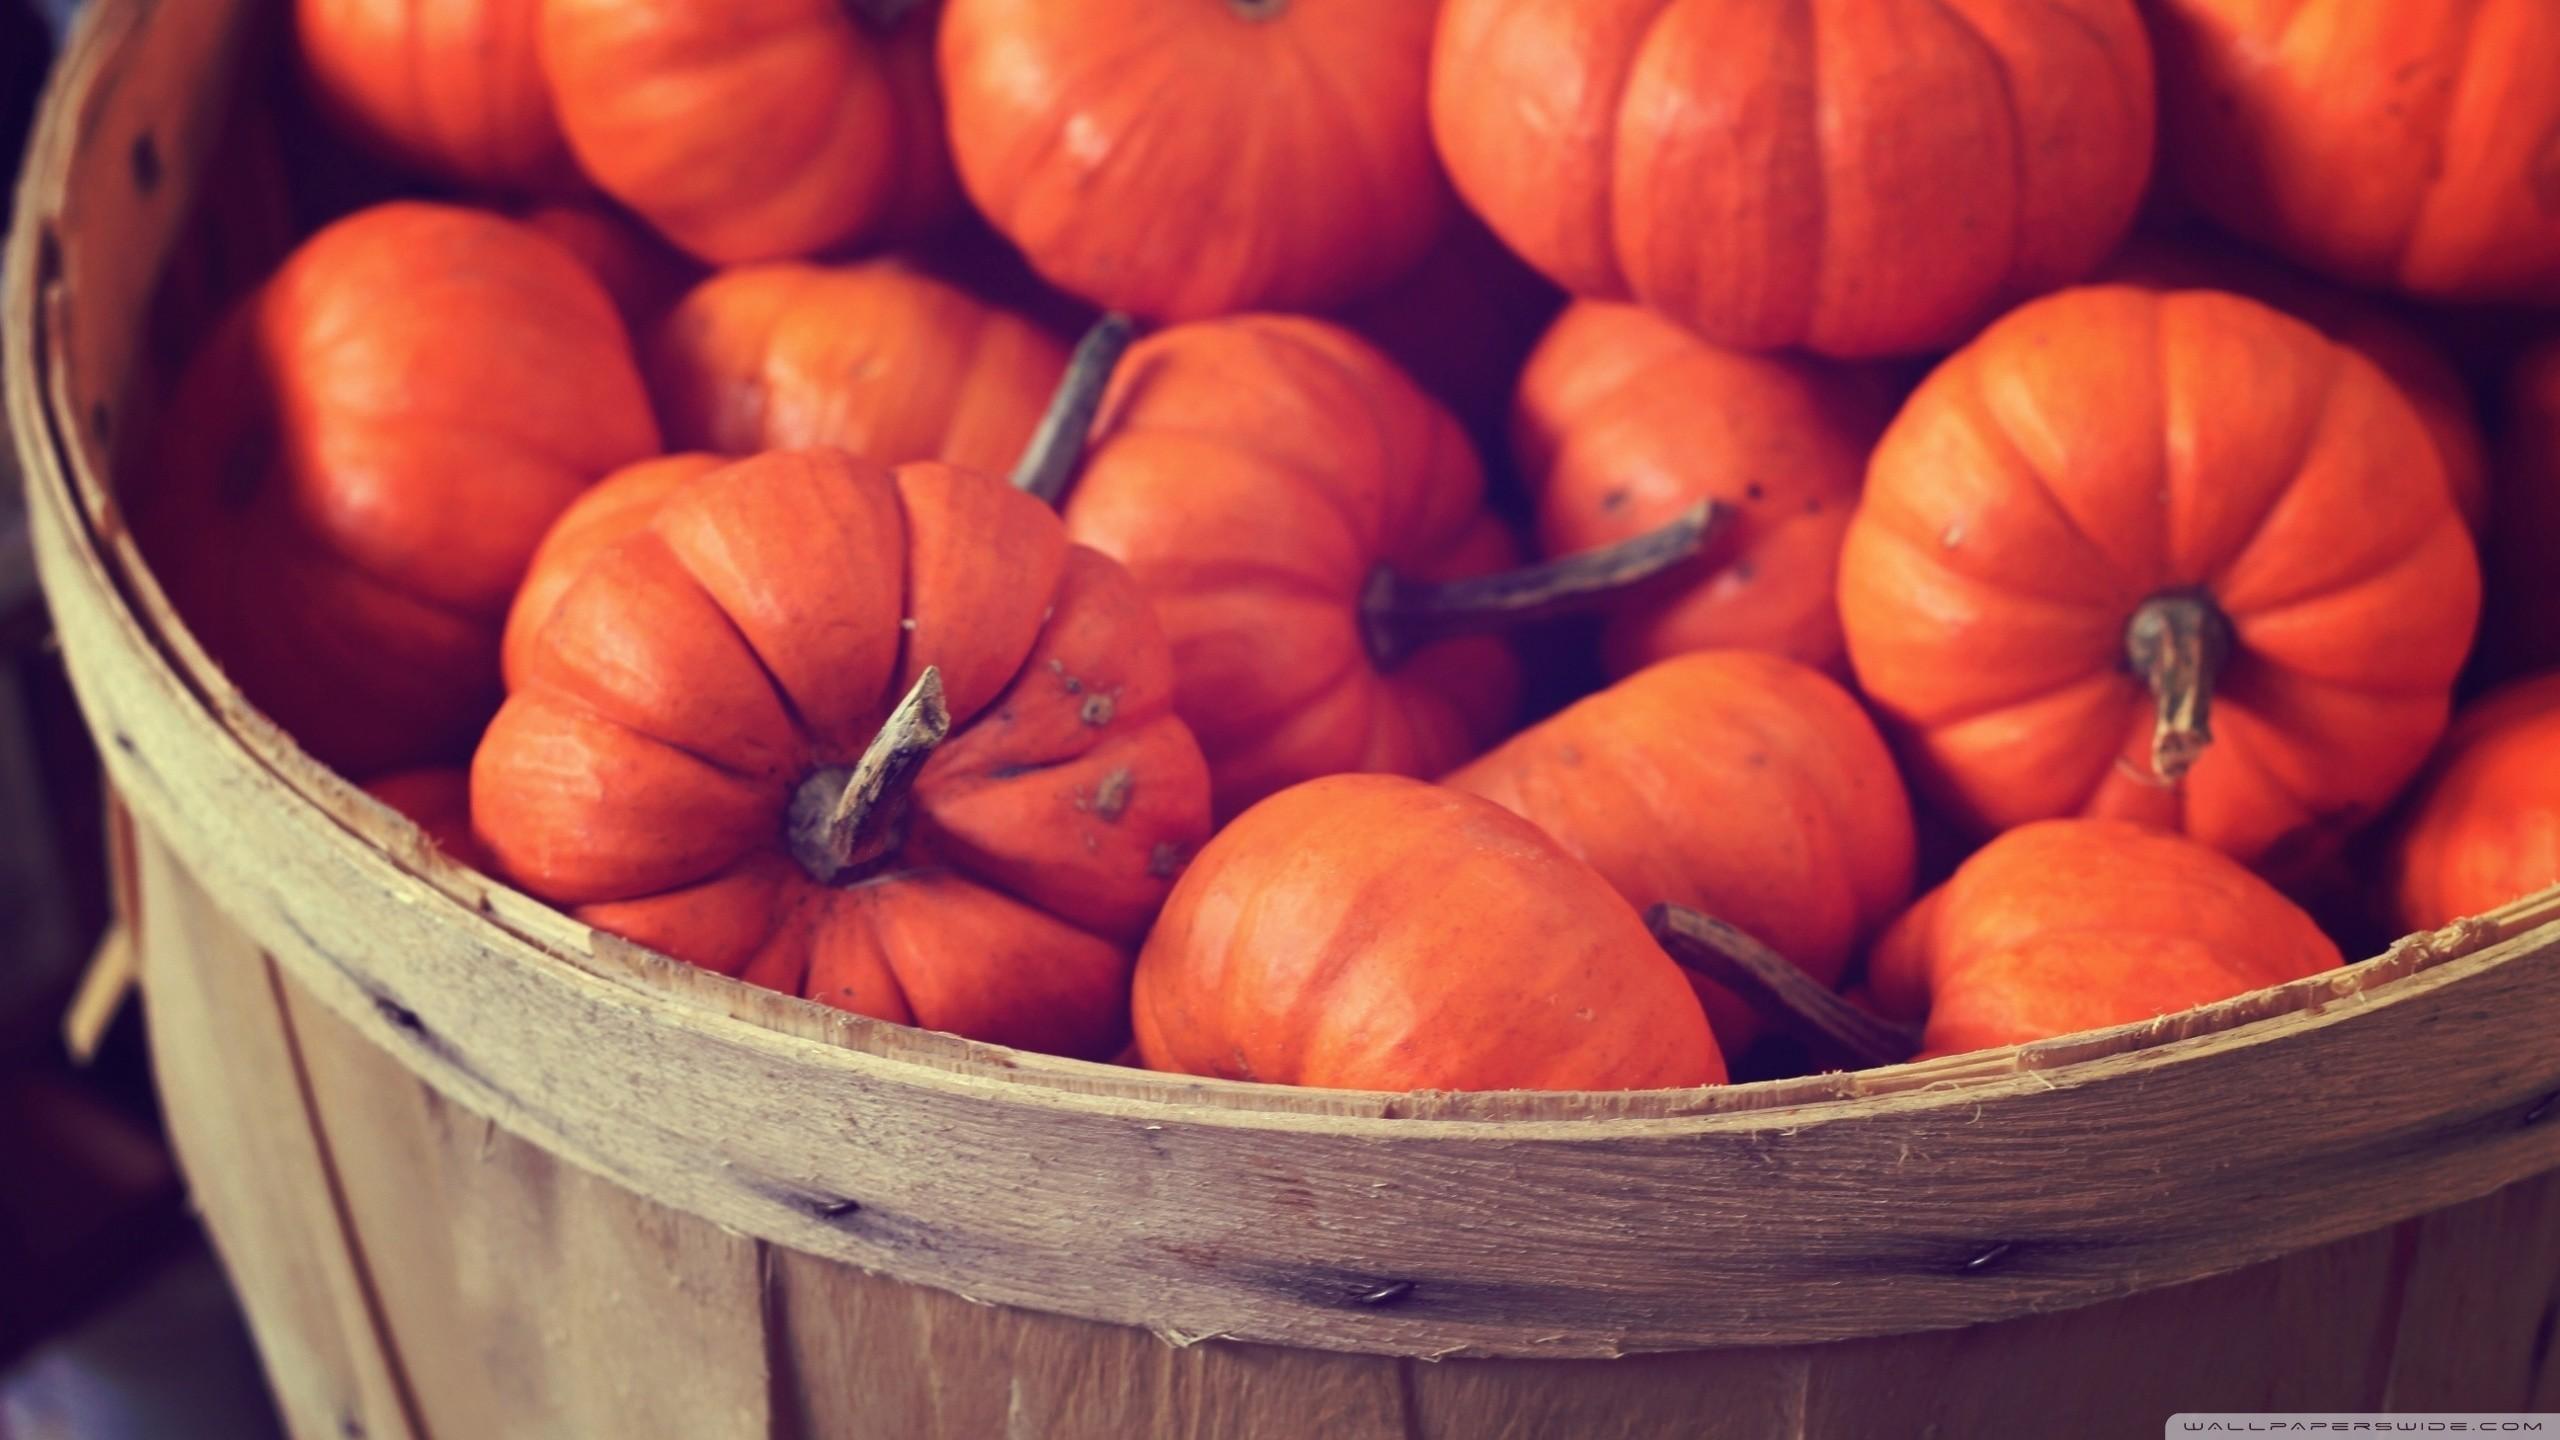 Autumn pumpkin wallpaper 47 images - Fall wallpaper pumpkins ...